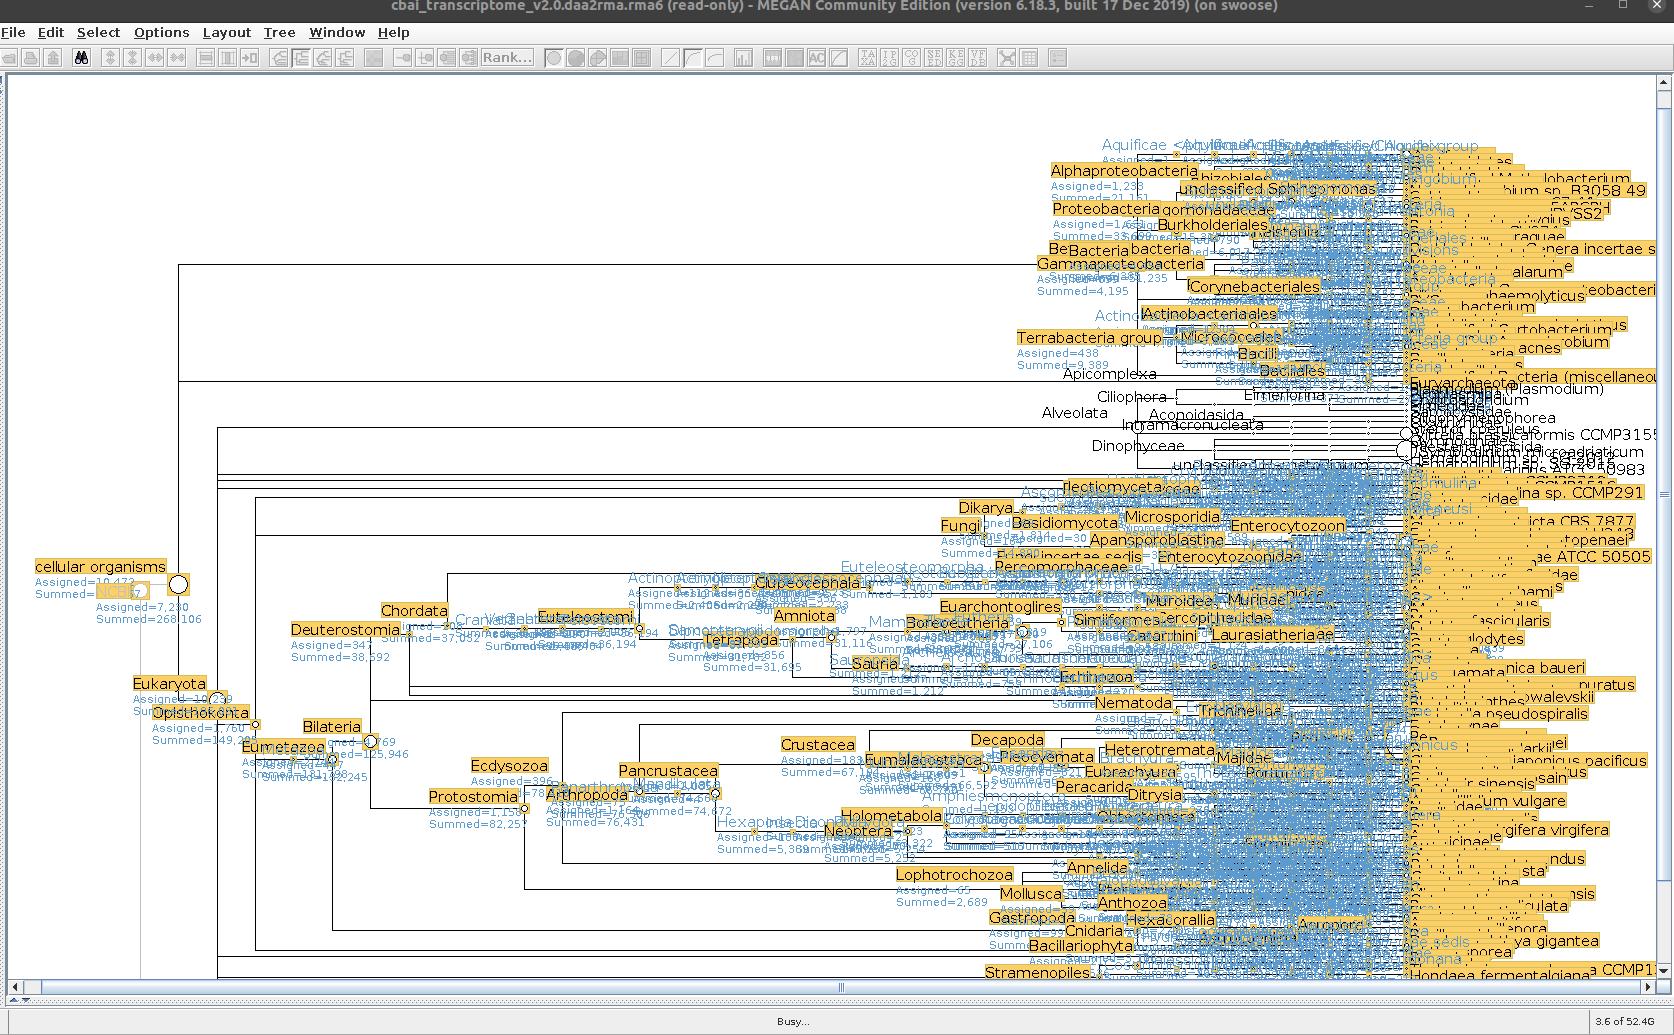 cbai_transcriptome_v2.0 MEGAN non-alveolota taxonomic tree